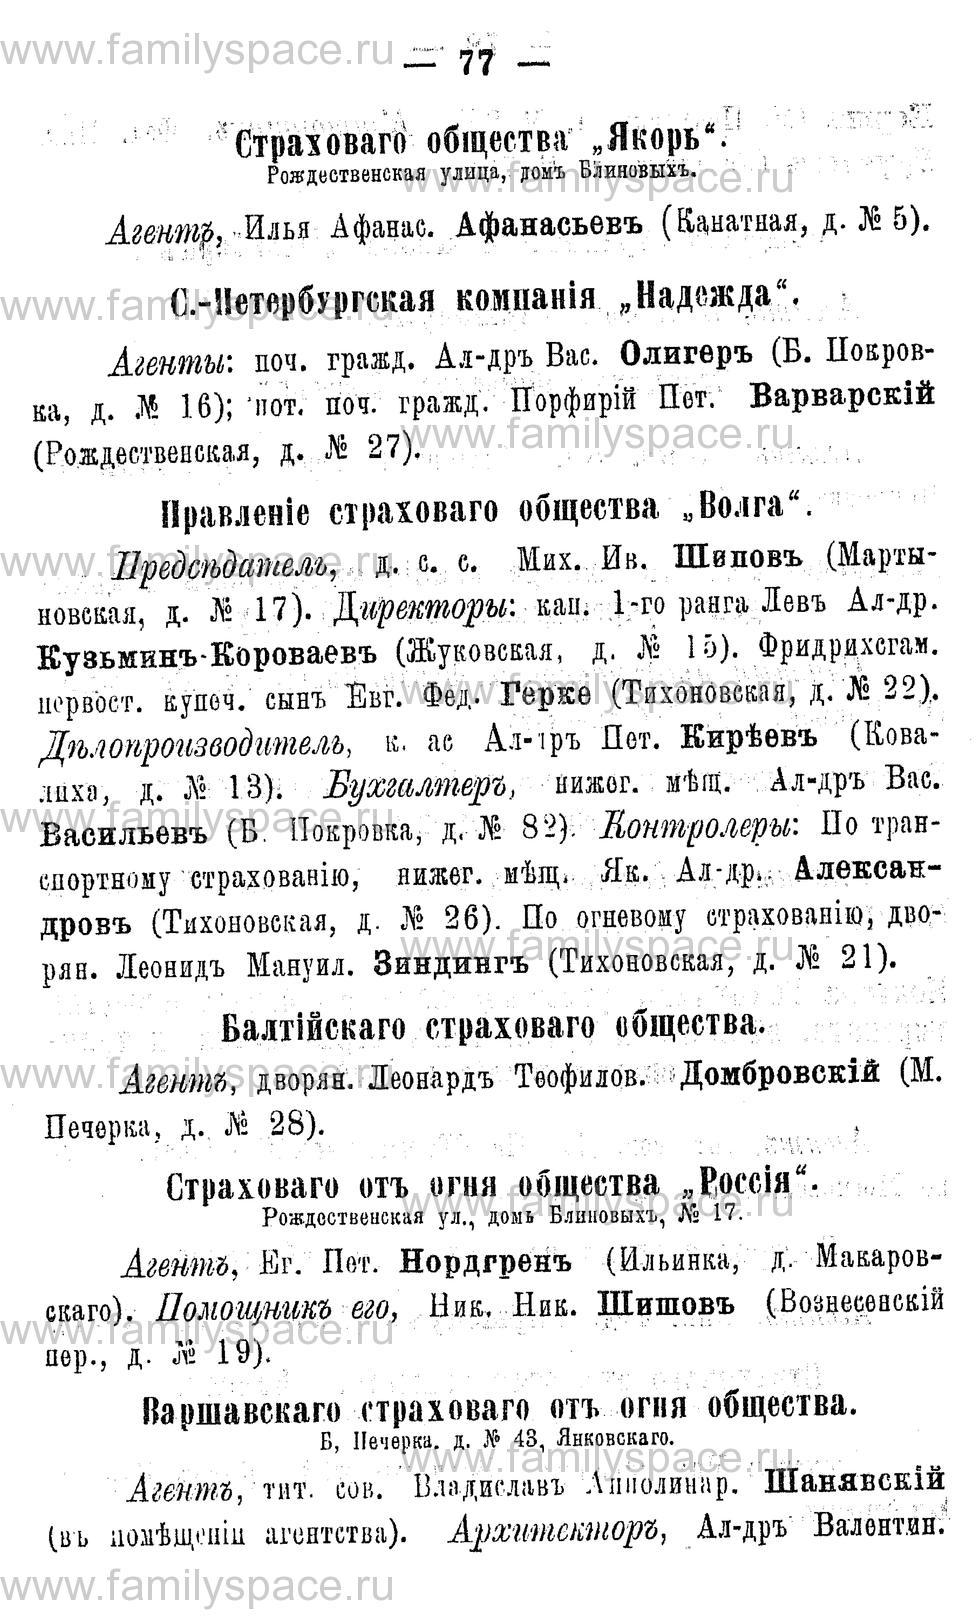 Поиск по фамилии - Адрес-календарь Нижегородской губернии на 1891 год, страница 77